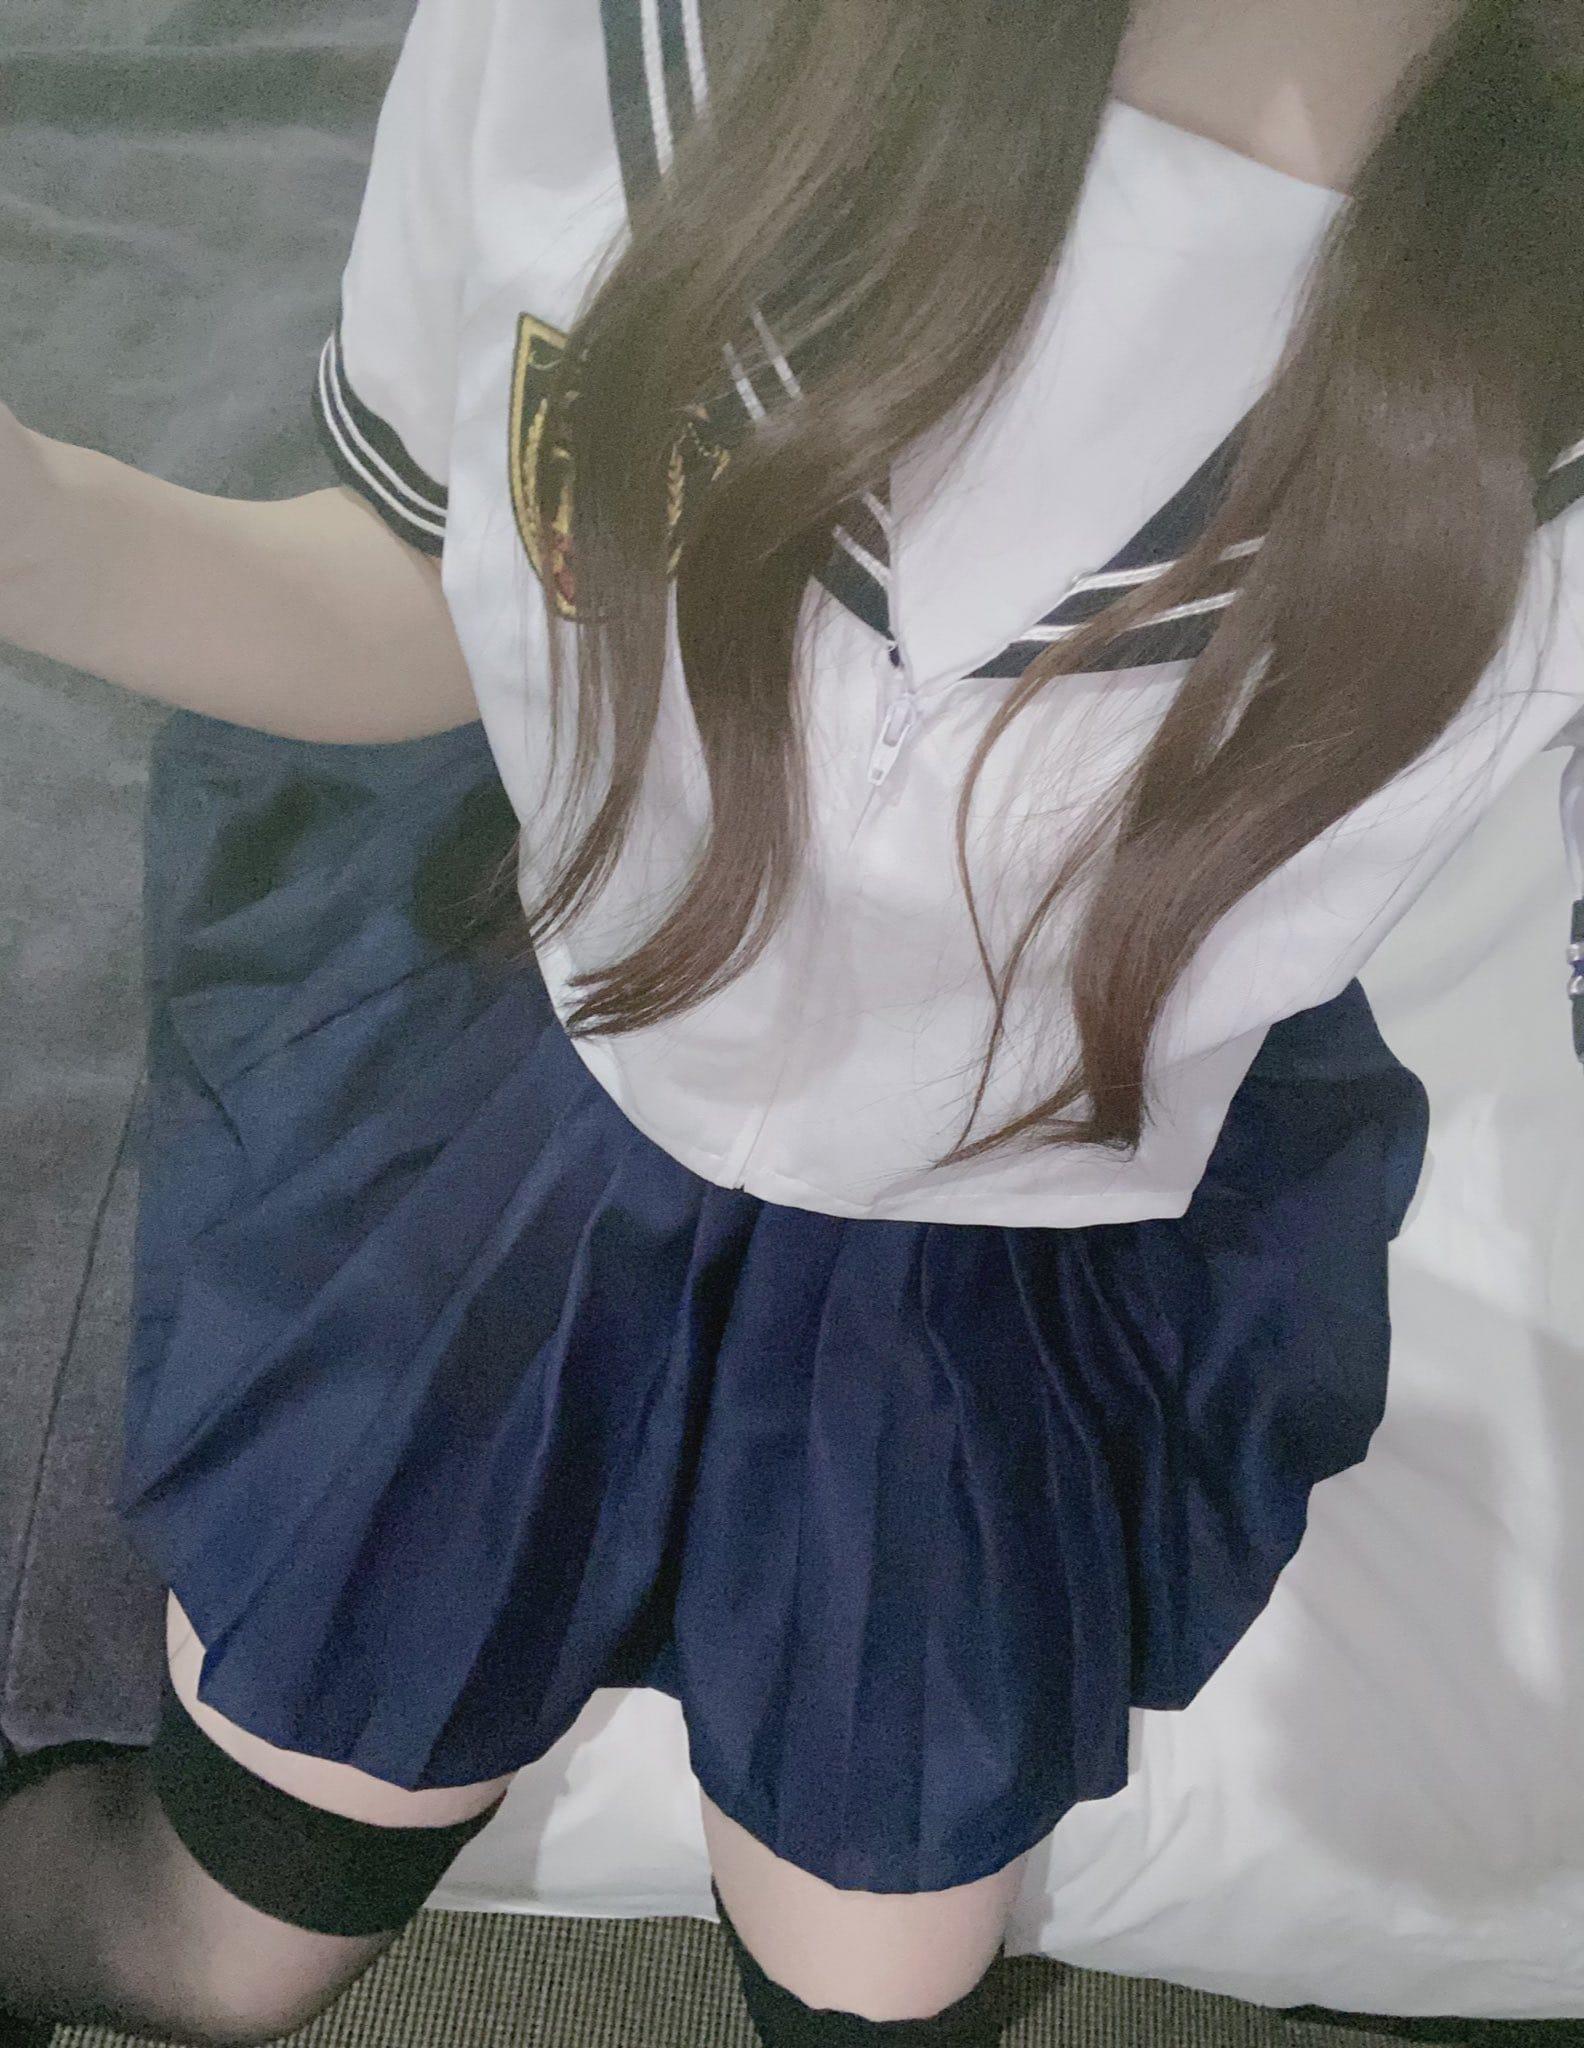 「退勤ちゃんです〜!」10/14(木) 01:44 | 秋葉 みゅんの写メ日記